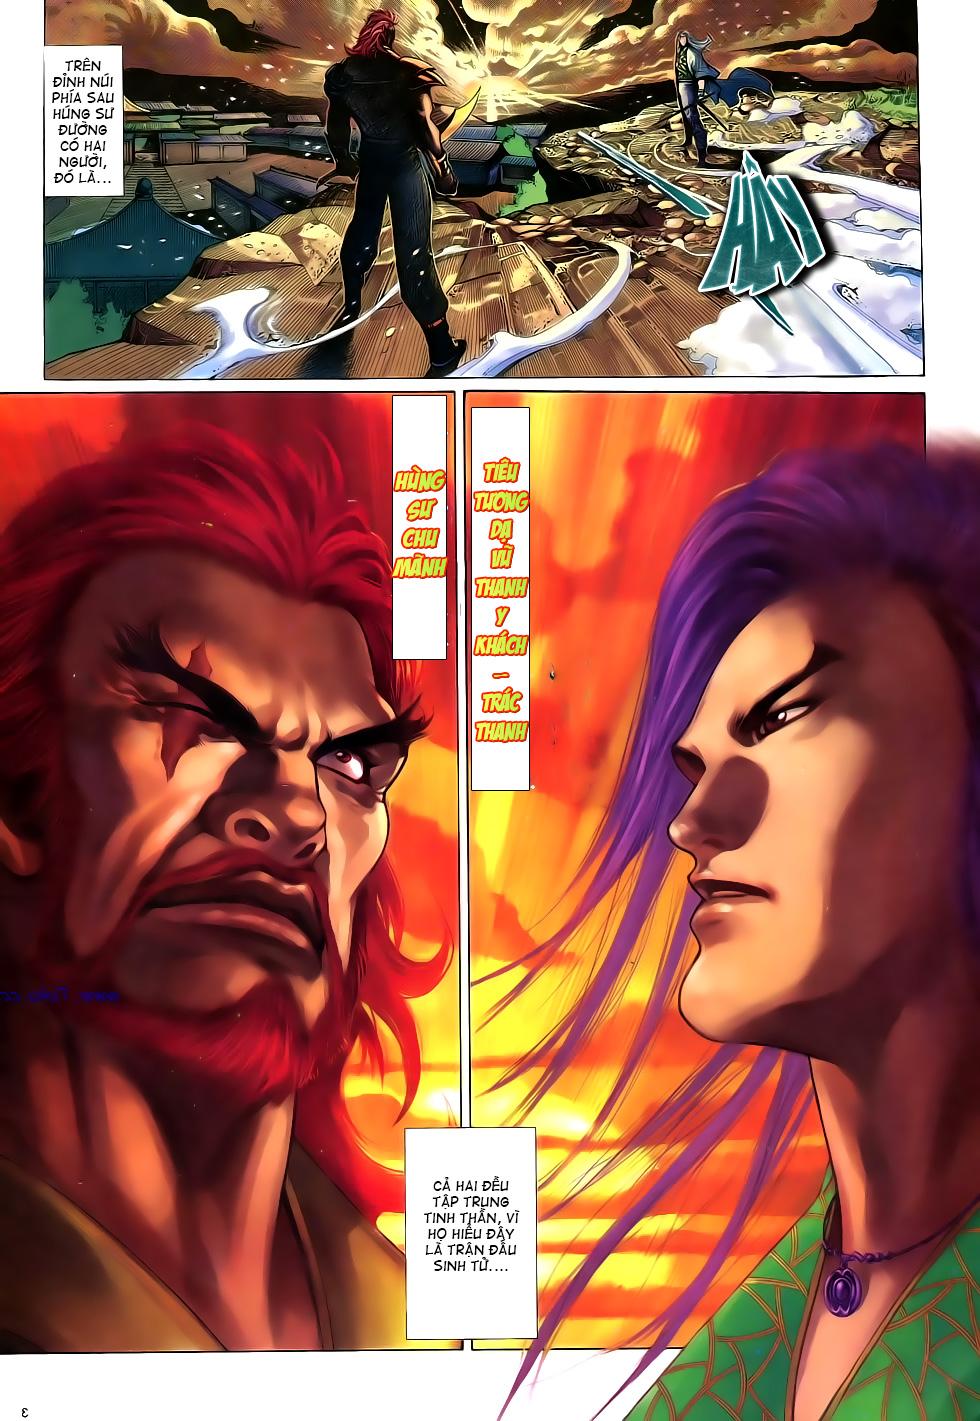 Anh hùng vô lệ Chap 16: Kiếm túy sư cuồng bất lưu đấu  trang 4